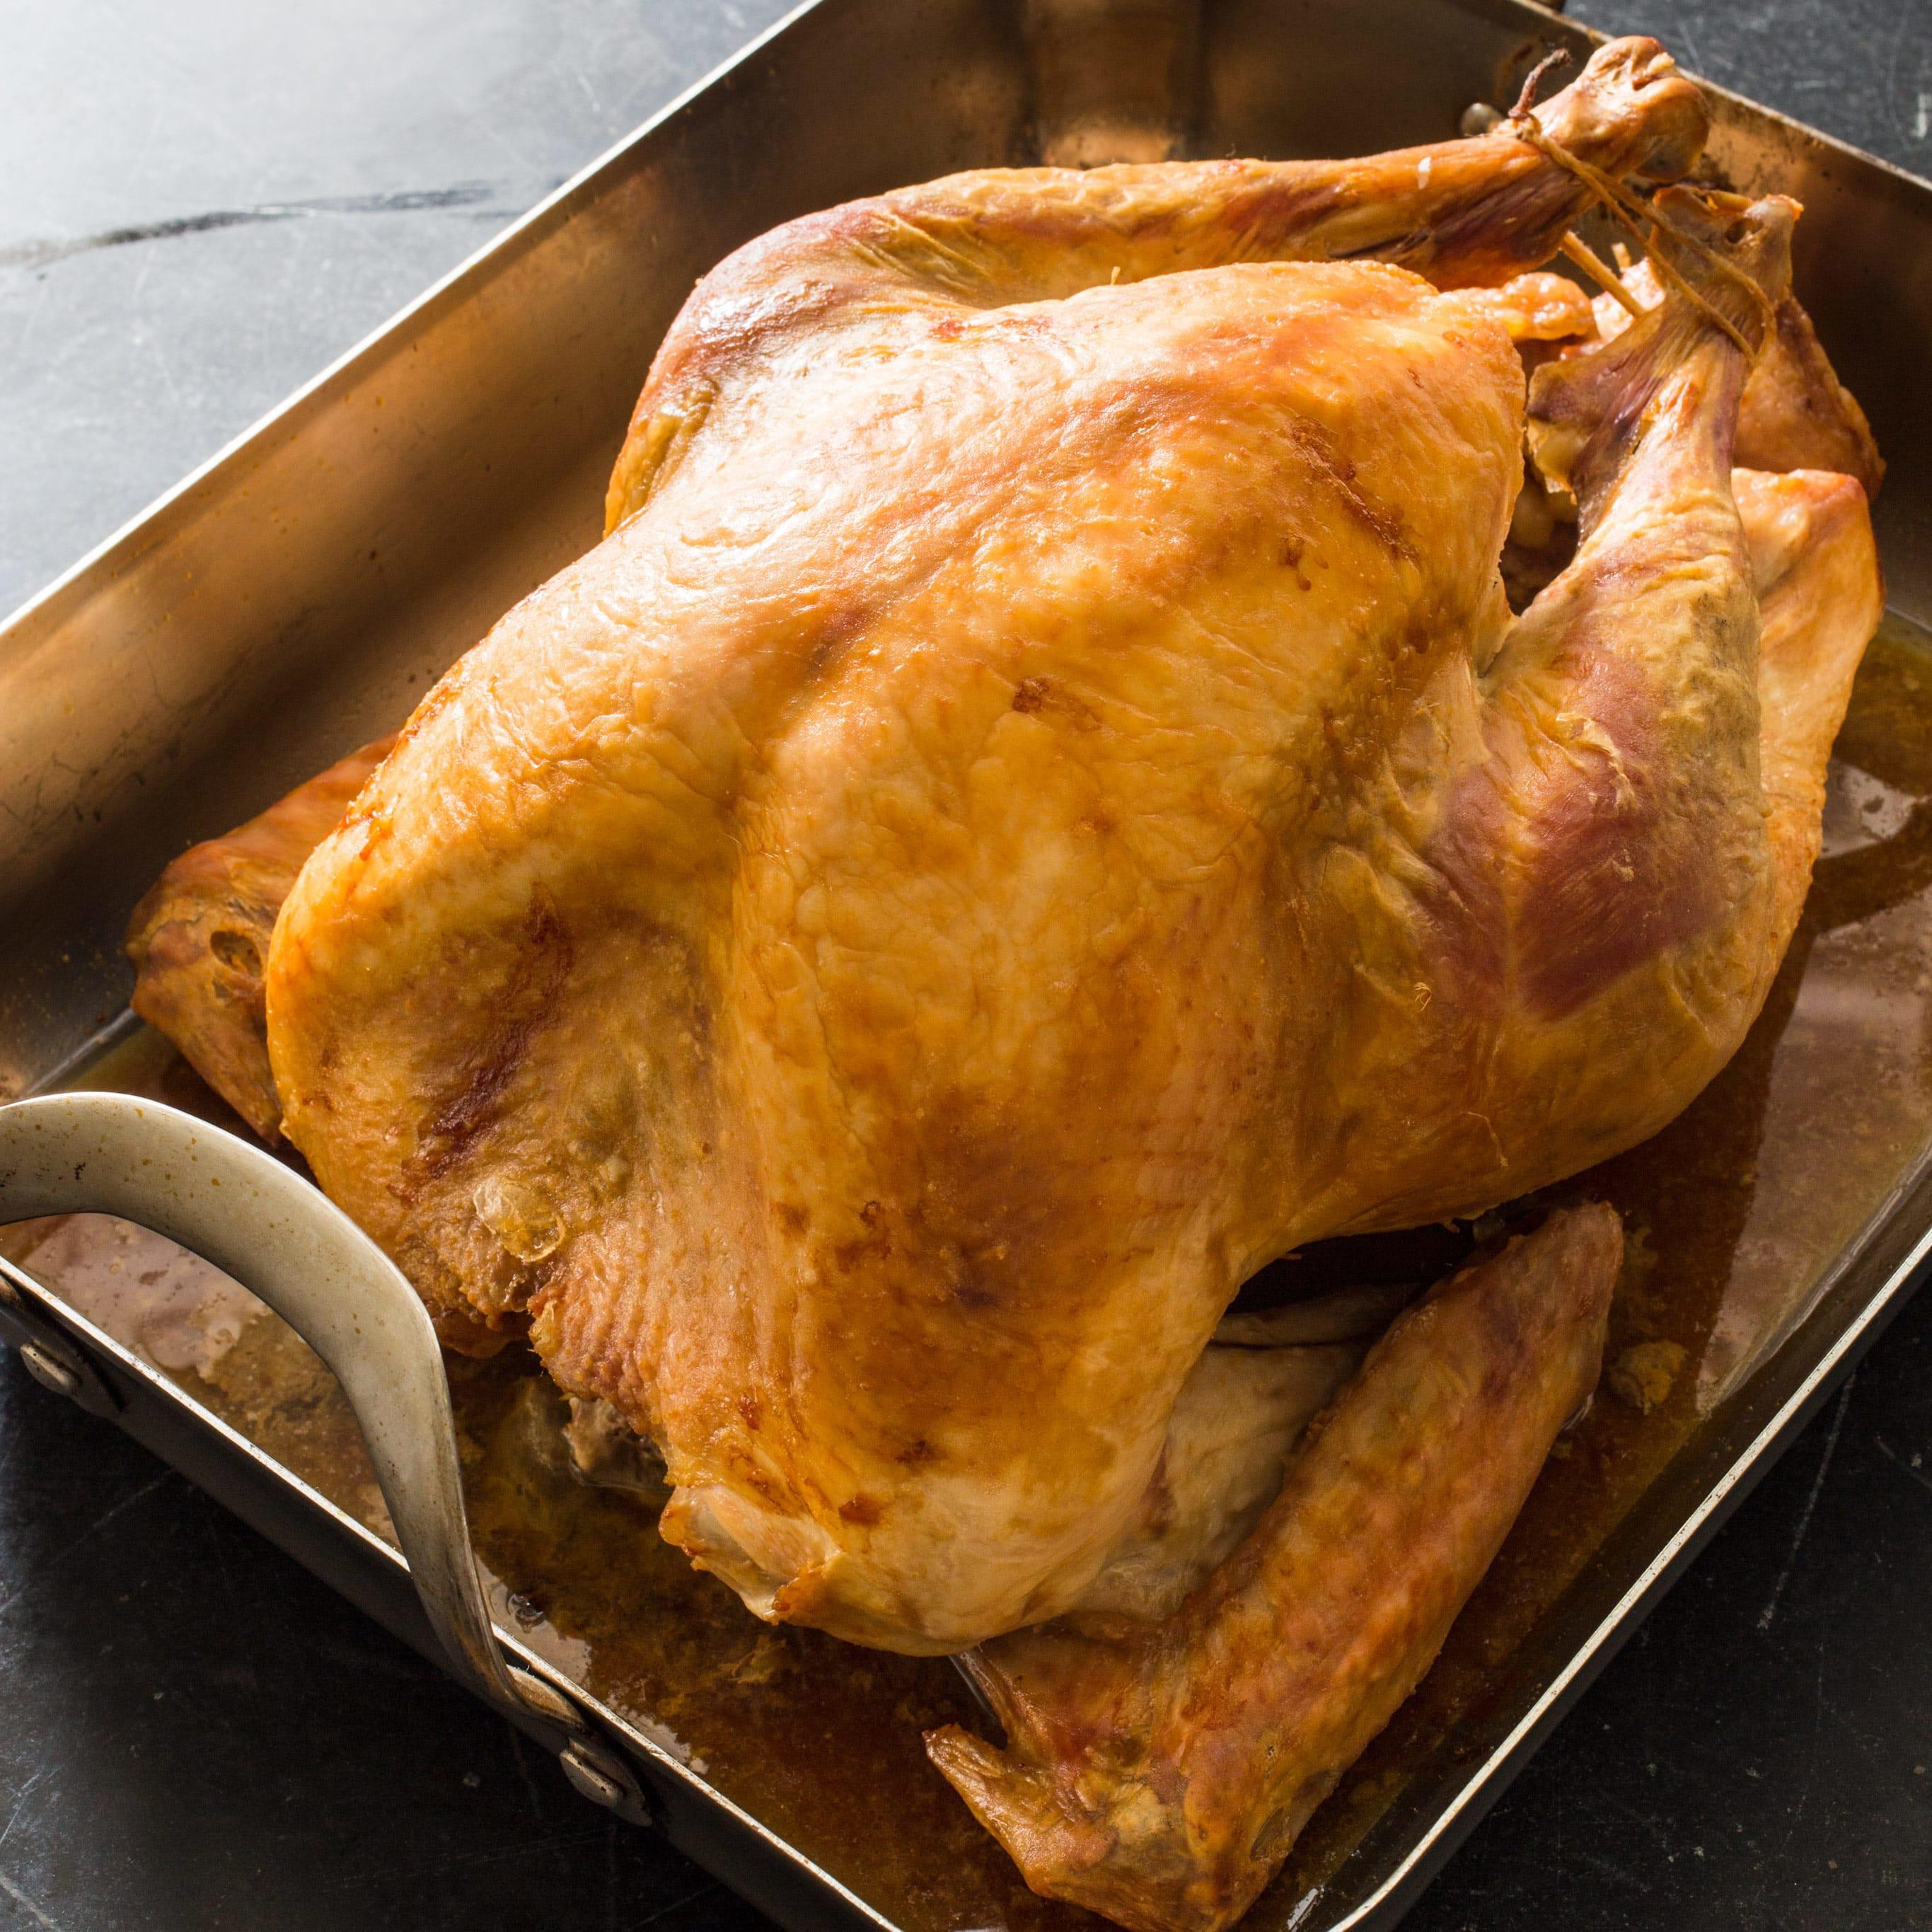 Americas Test Kitchen Thanksgiving Turkey  Easier Roast Turkey and Gravy